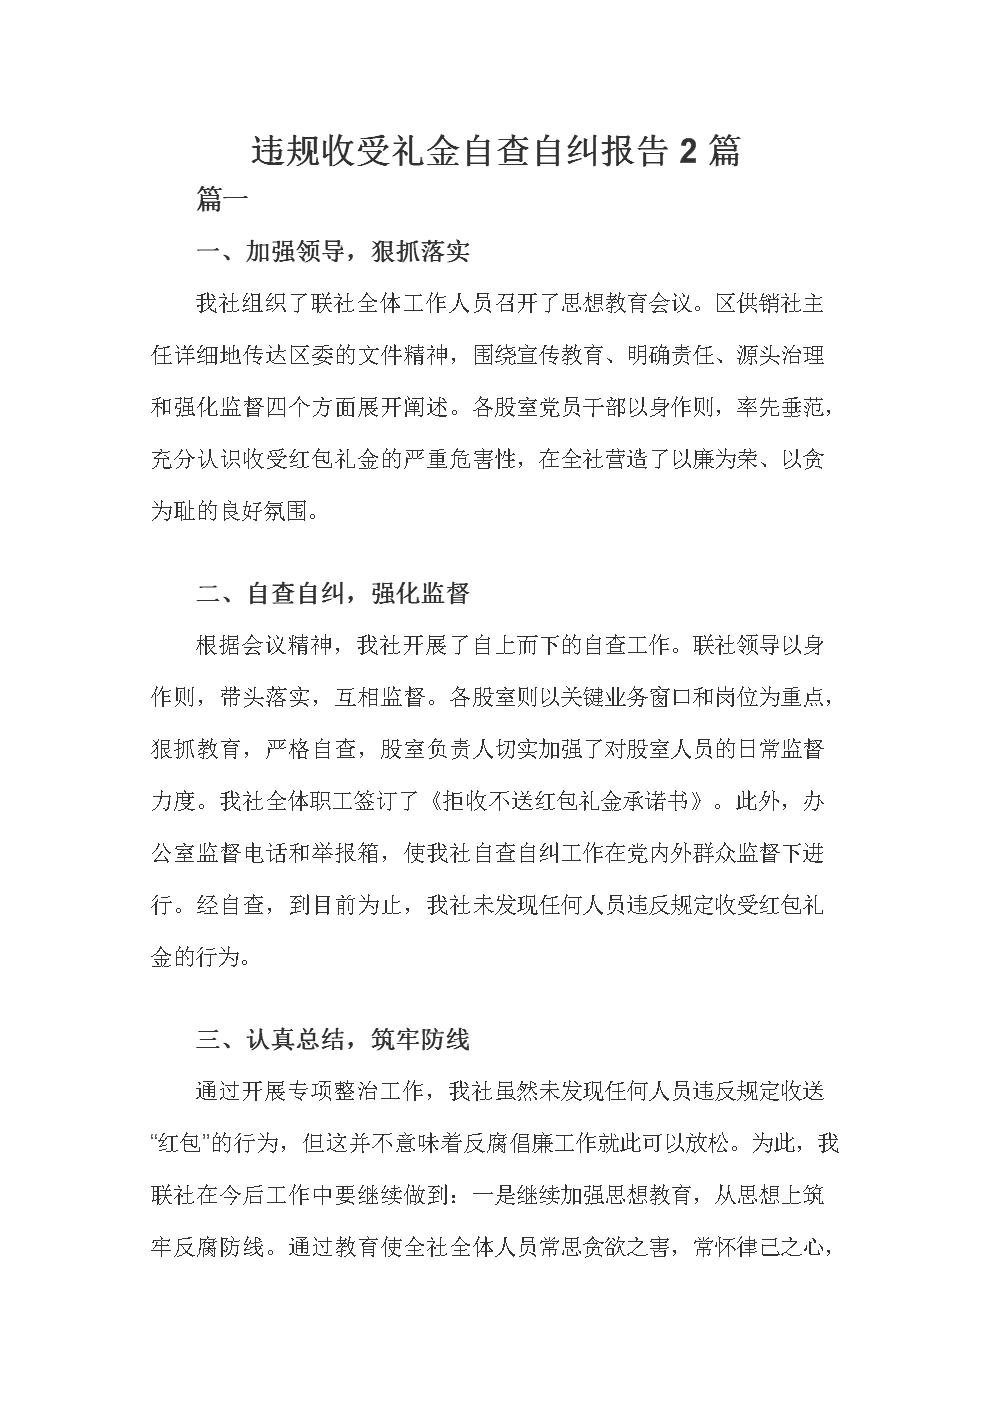 违规收受礼金自查自纠报告2篇.doc